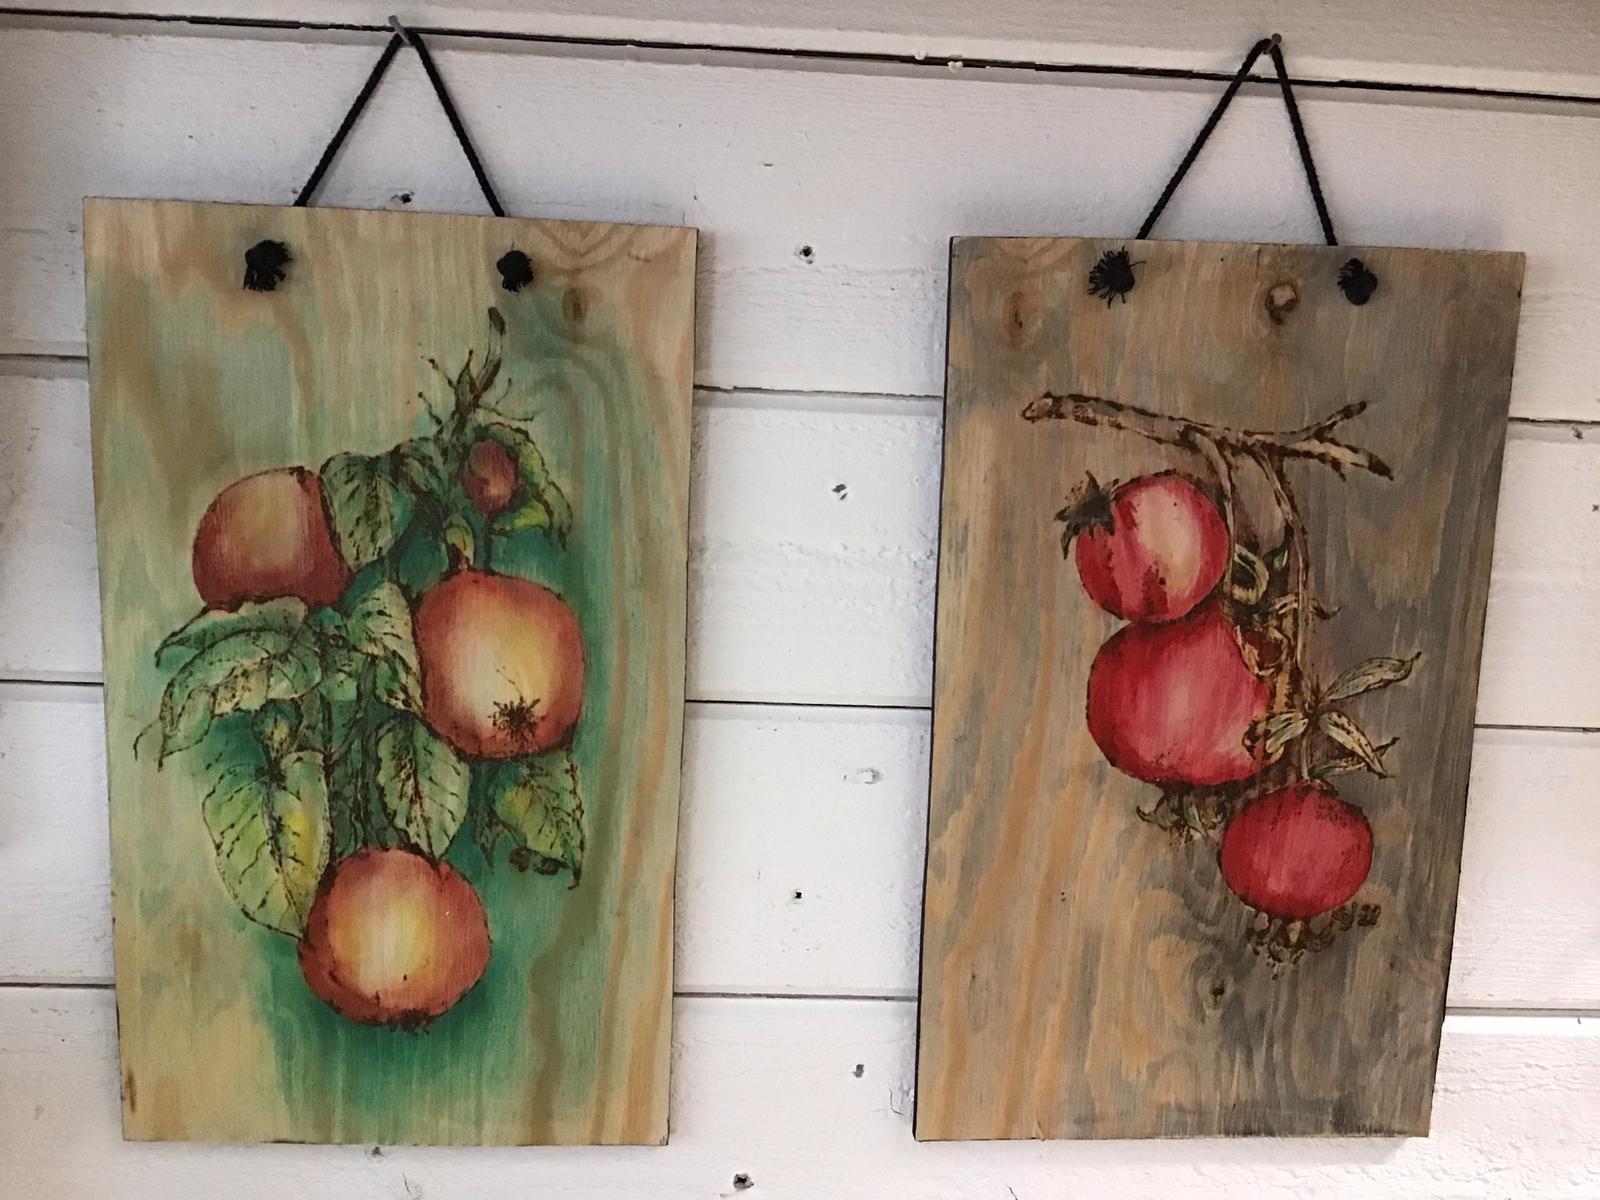 Trätavlor med äpplen och nyponfrukter. Motiv bränt ned brännarna och målade med acryl